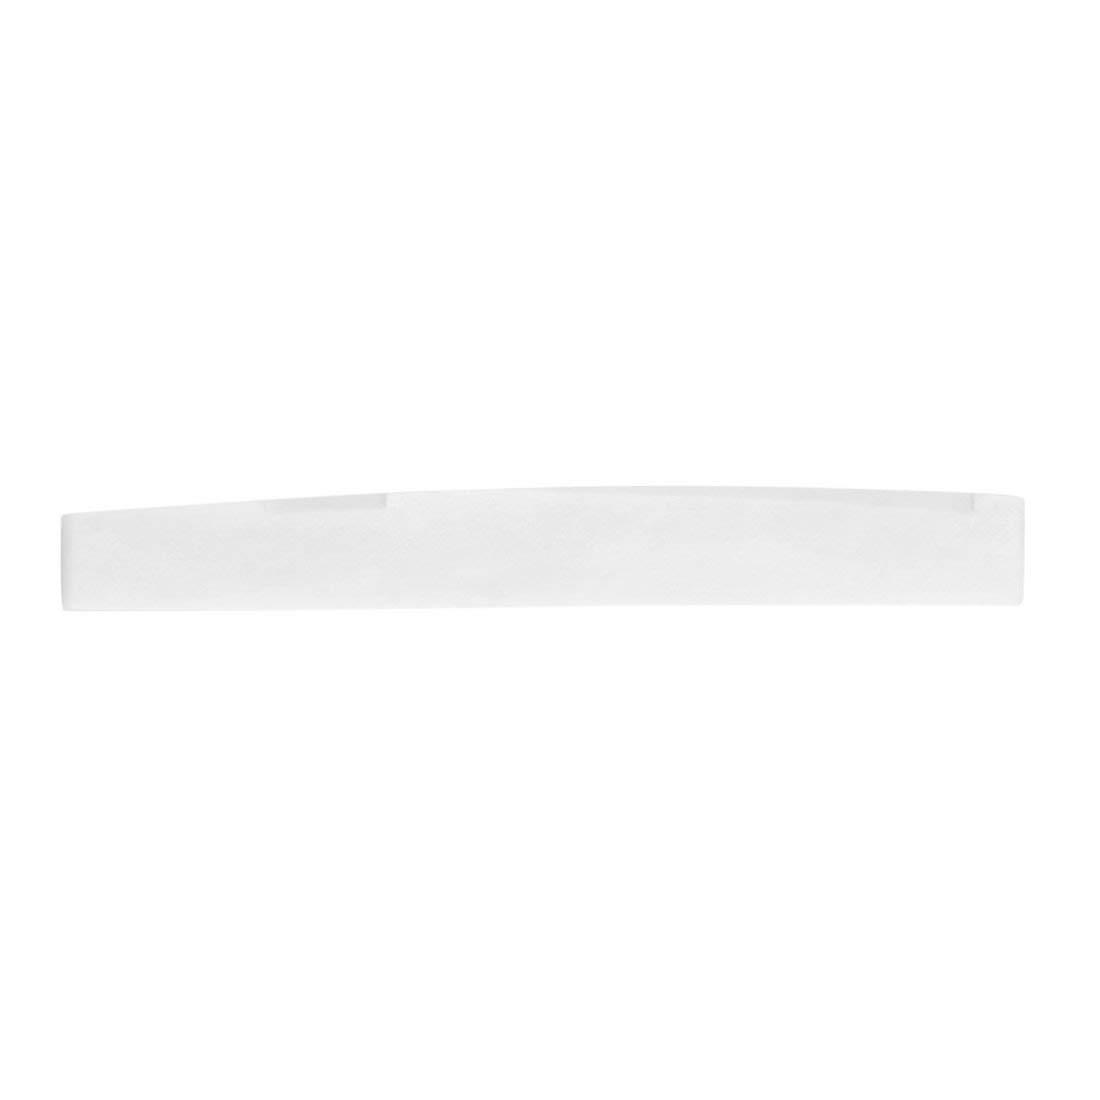 vbncvbfghfgh Ivory White 2.83 x 0.35 x 0.12 Pulgadas Piezas de Repuesto de sill/ín de Puente de Guitarra de Hueso de b/úfalo cl/ásico para Guitarra ac/ústica de 6 Cuerdas